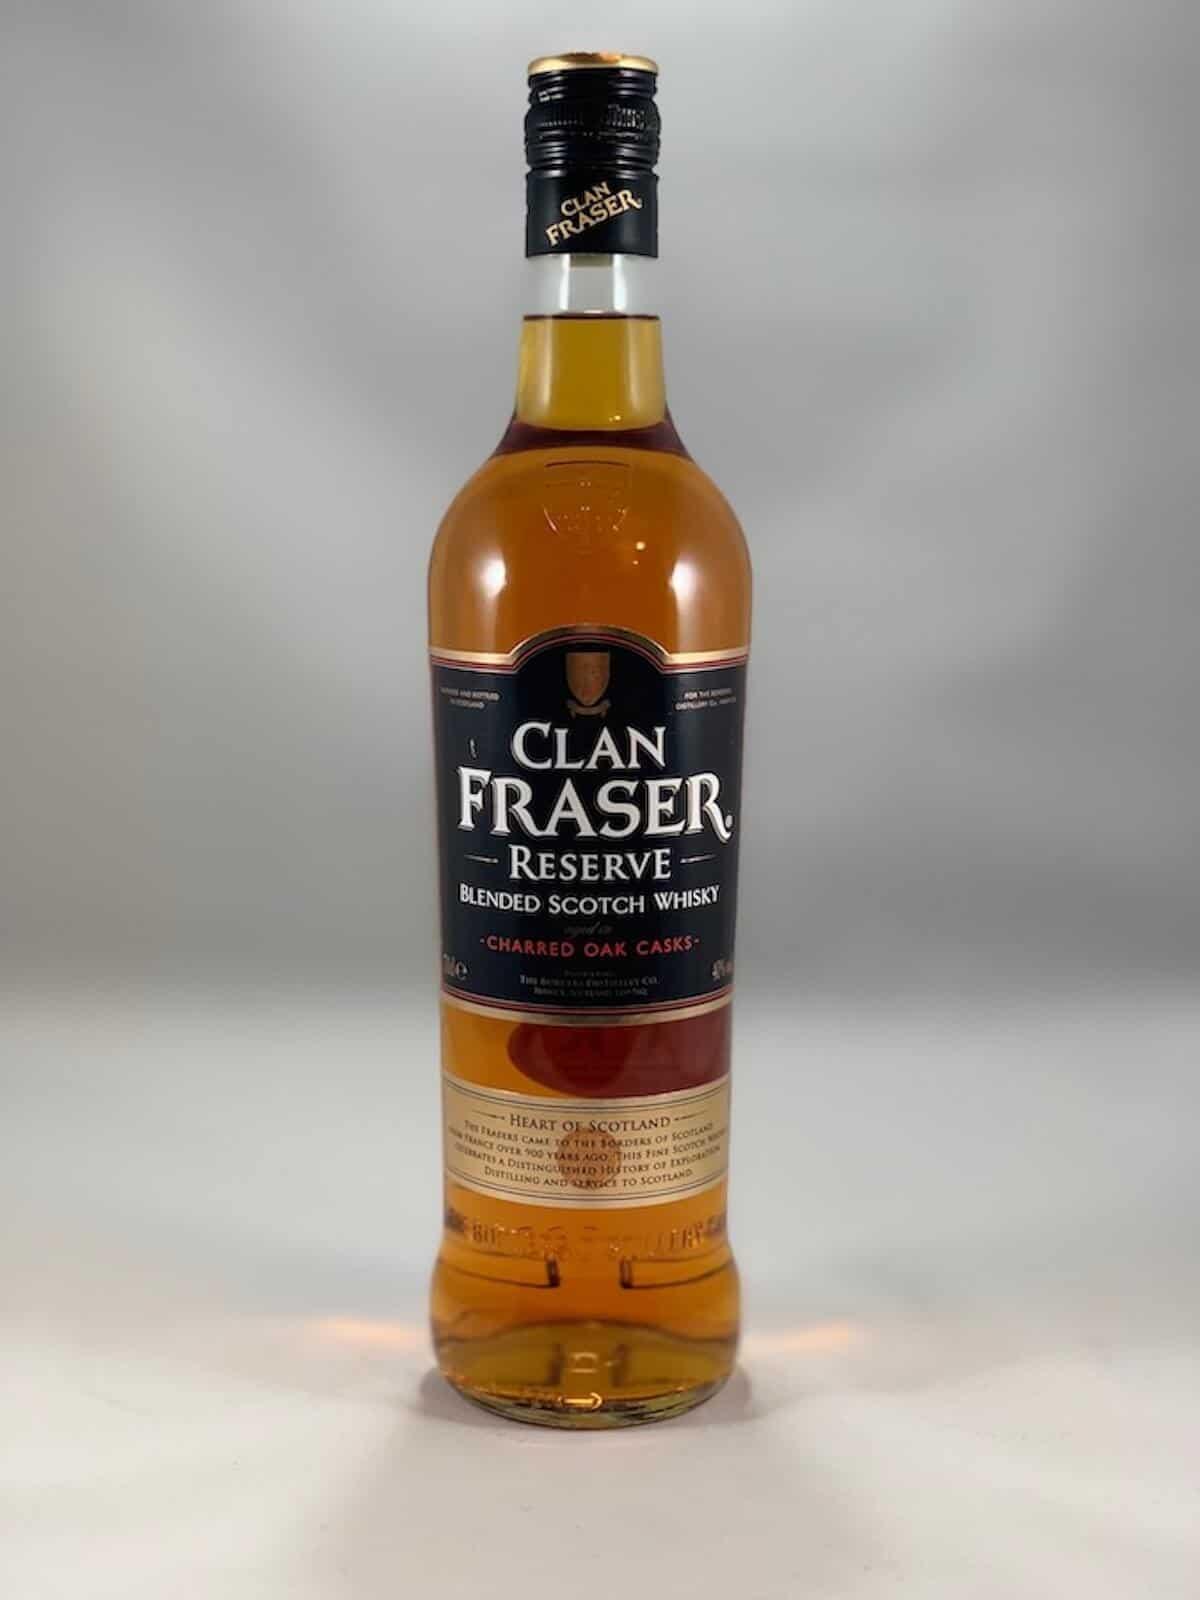 Clan Fraser Reserve, Clan Fraser Blended Scotch Whisky, Outlander, Droughtlander